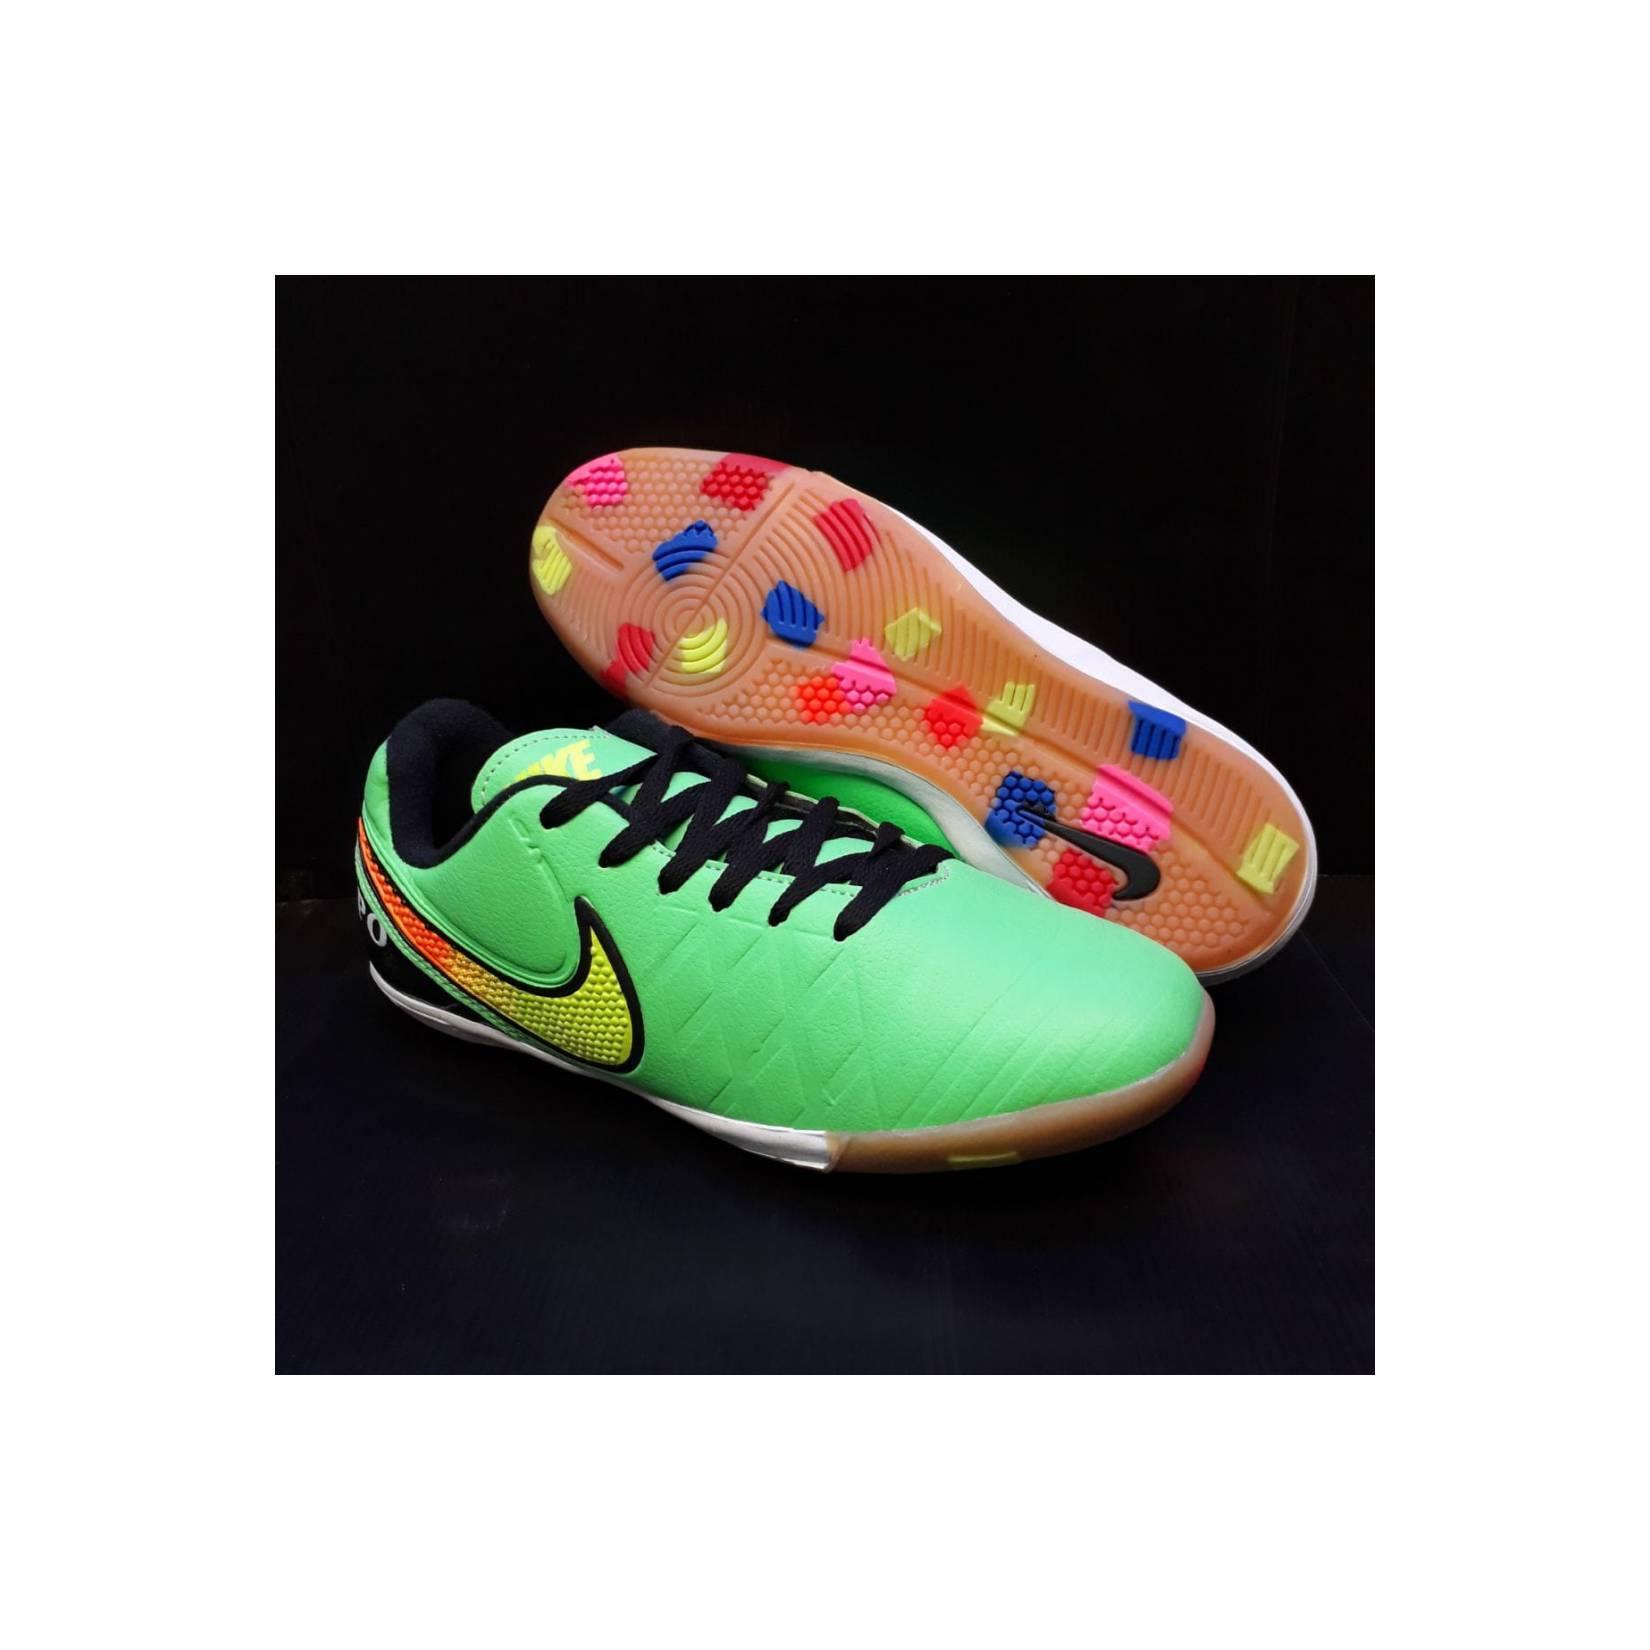 sepatu futsal Nike tiempo hitam kombinasi ijo sol karet